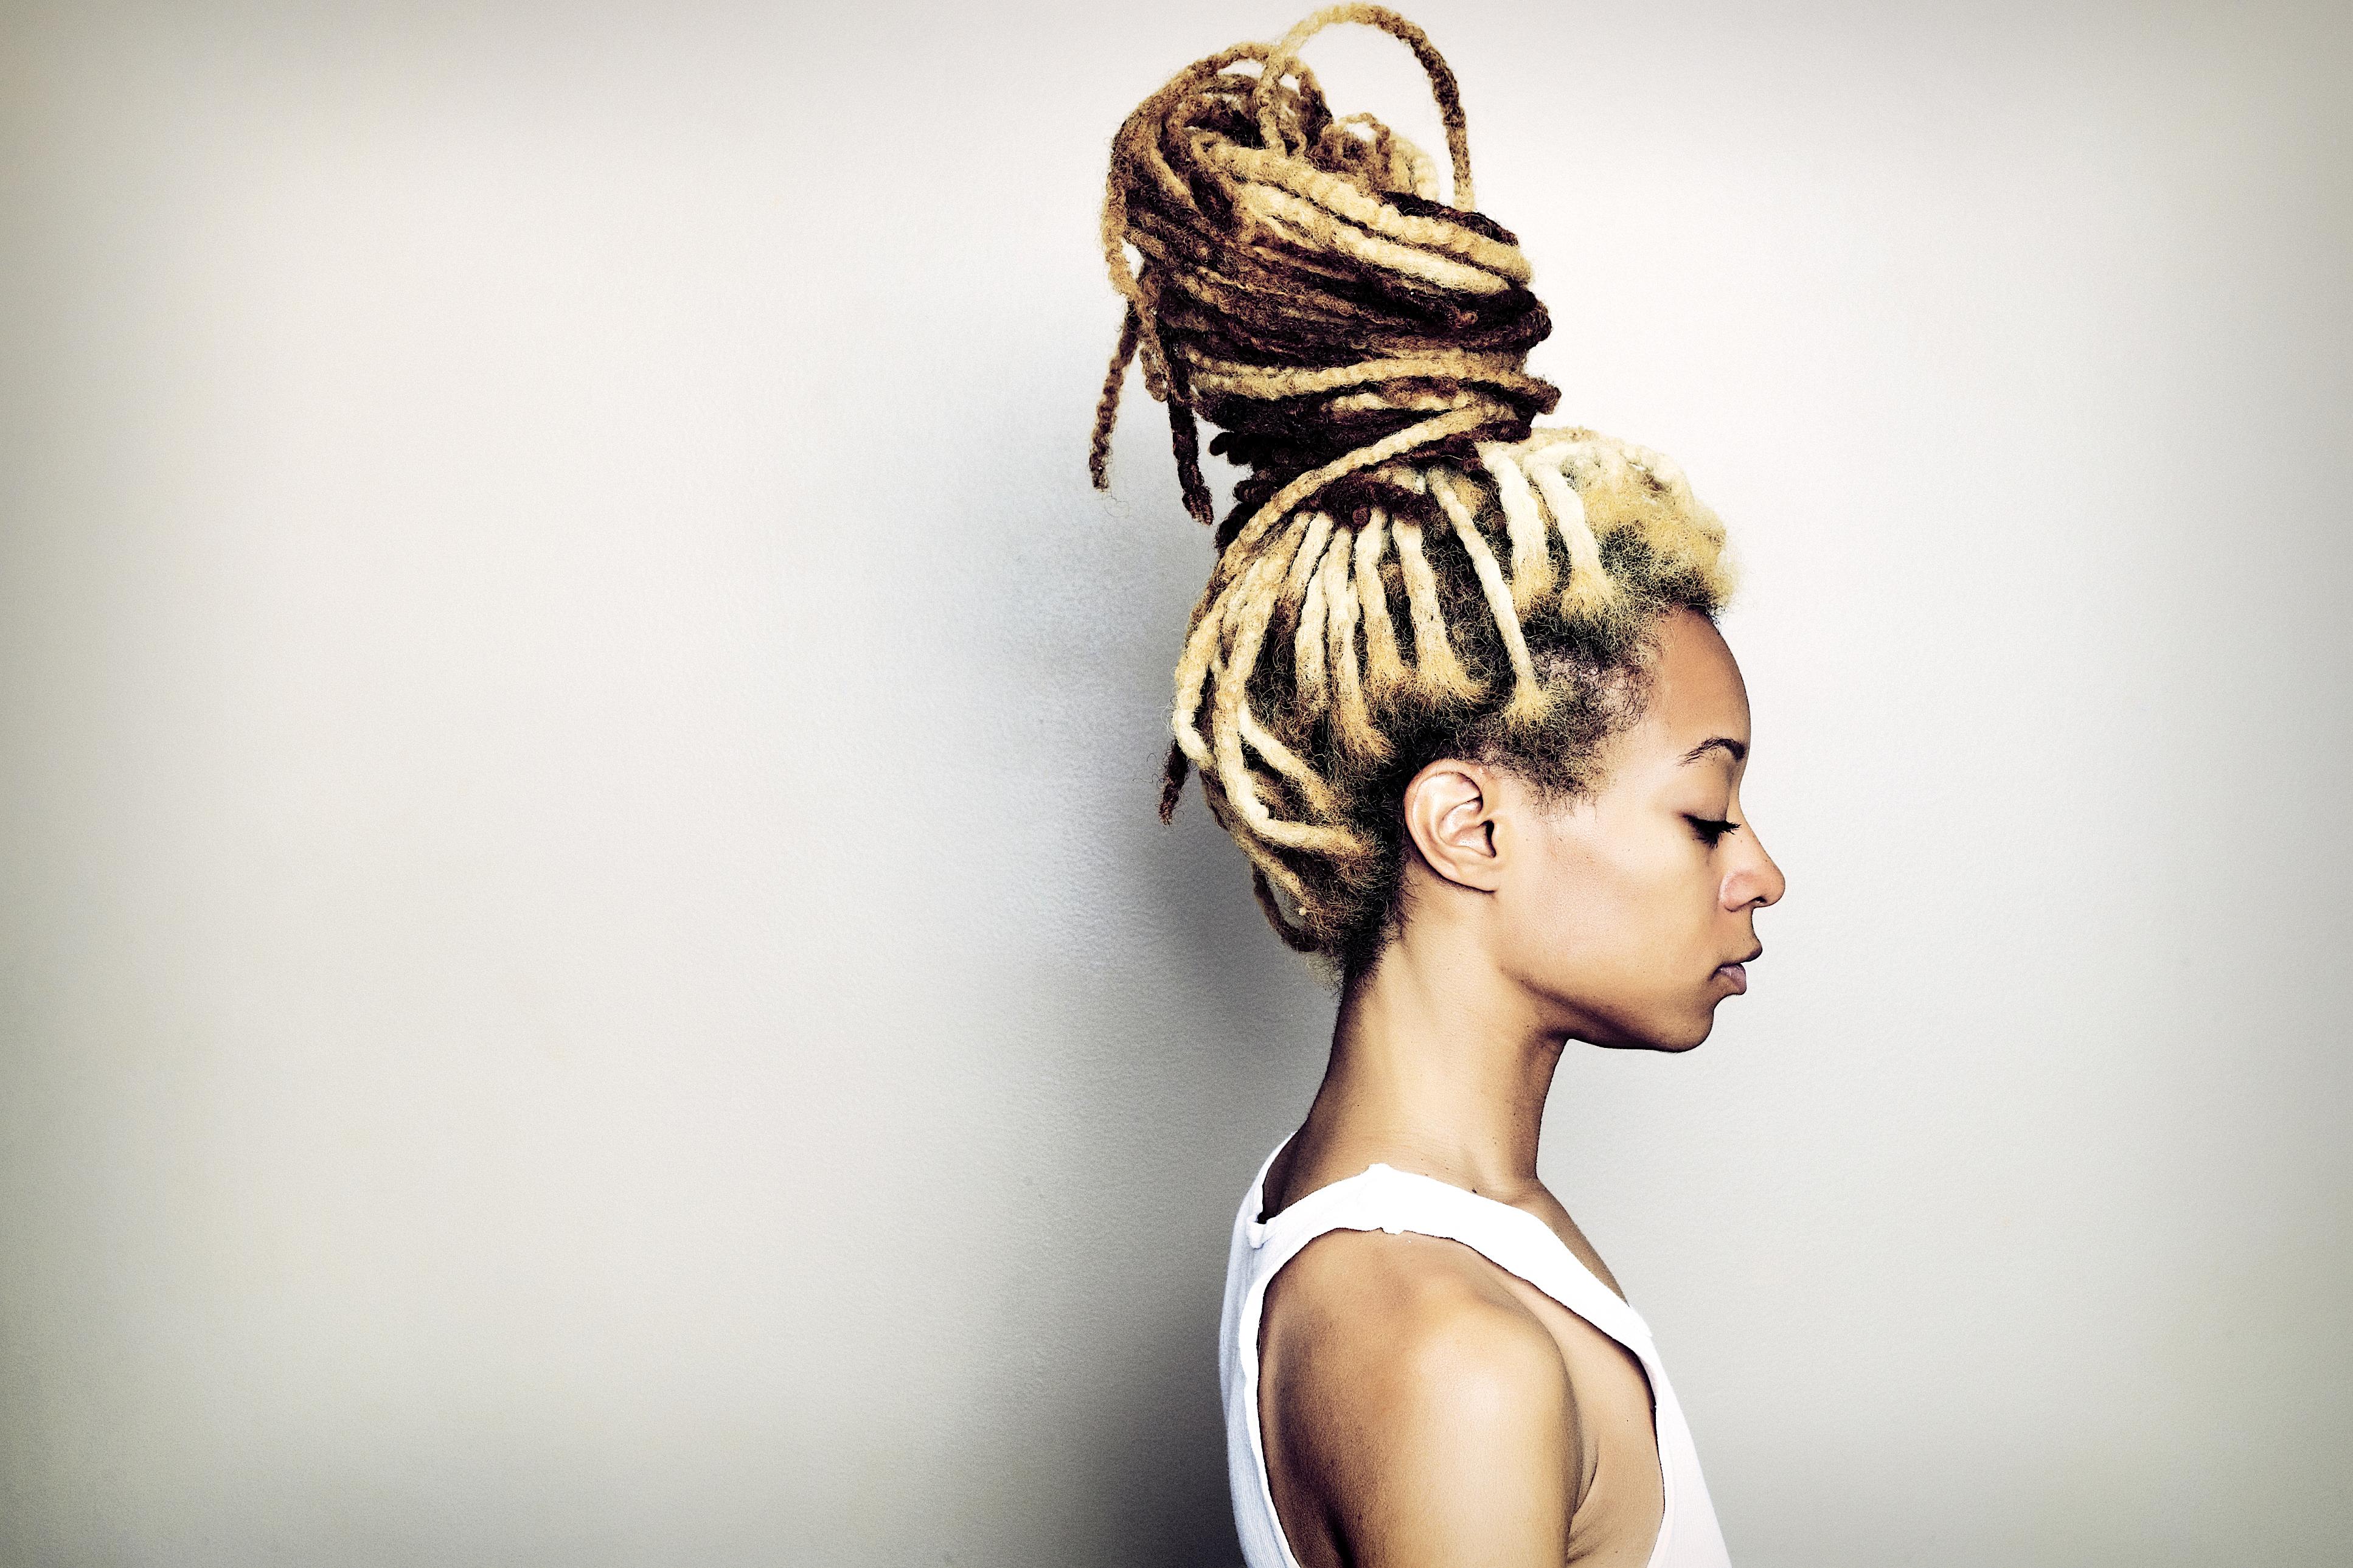 Dreadlocks, Jamaica, Hairstyles, KOLUMN Magazine, KOLUMN